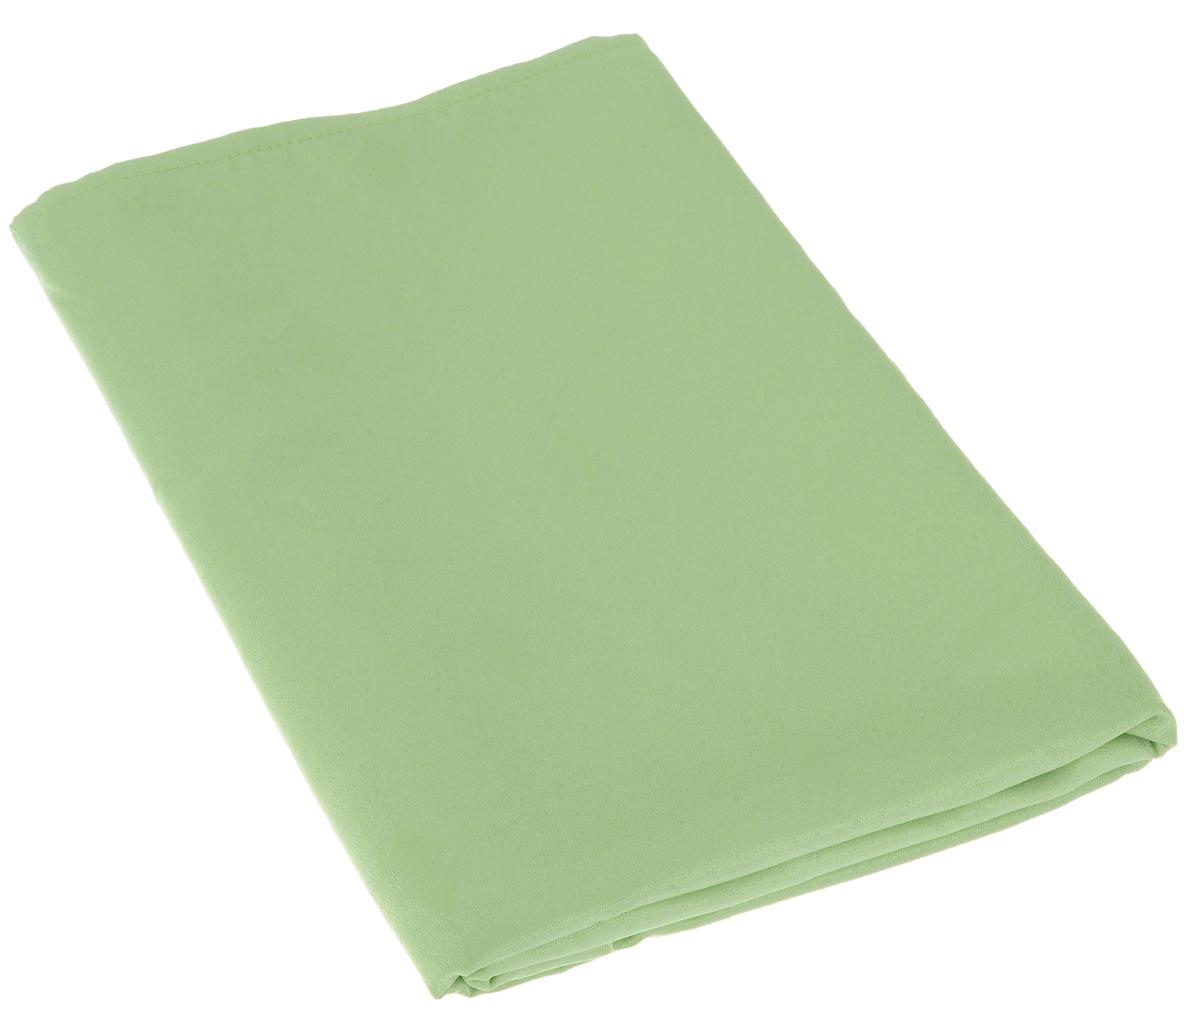 Скатерть Schaefer, прямоугольная, цвет: светло-зеленый, 160 х 220 см. 07509-40807509-408Изящная прямоугольная скатерть Schaefer, выполненная из плотного полиэстера, станет украшением кухонного стола. Изделие декорировано красивым узором в виде ромбов.За текстилем из полиэстера очень легко ухаживать: он не мнется, не садится и быстро сохнет, легко стирается, более долговечен, чем текстиль из натуральных волокон.Использование такой скатерти сделает застолье торжественным, поднимет настроение гостей и приятно удивит их вашим изысканным вкусом. Также вы можете использовать эту скатерть для повседневной трапезы, превратив каждый прием пищи в волшебный праздник и веселье. Это текстильное изделие станет изысканным украшением вашего дома!